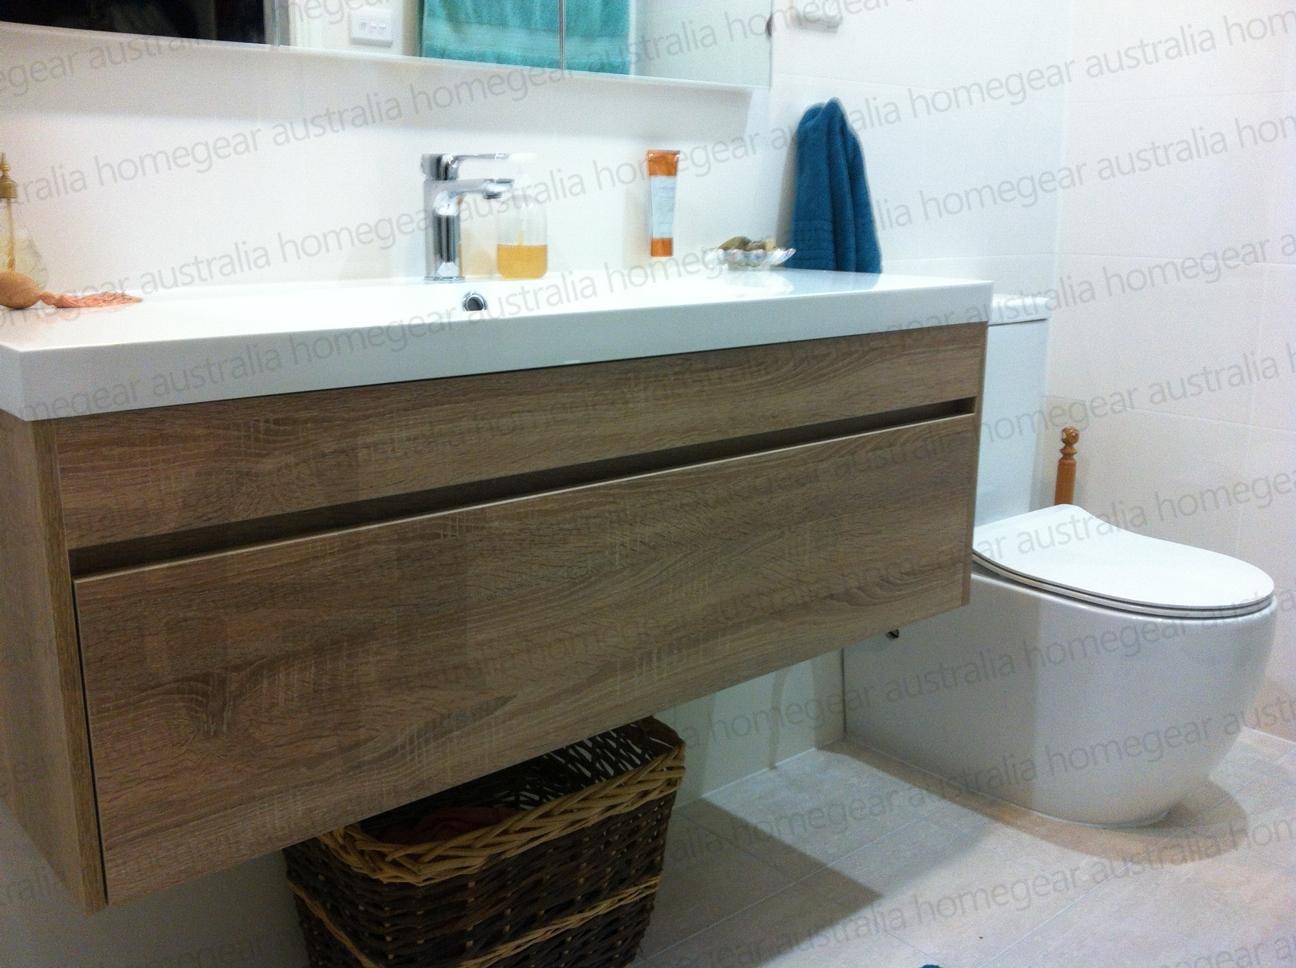 IBIZA 1200 White Oak Timber Look Wood Grain  IBIZA 1200mm White Oak Wall  Hung Vanity. IBIZA   1200mm White Oak Textured Timber Wood Grain Wall Hung Soft